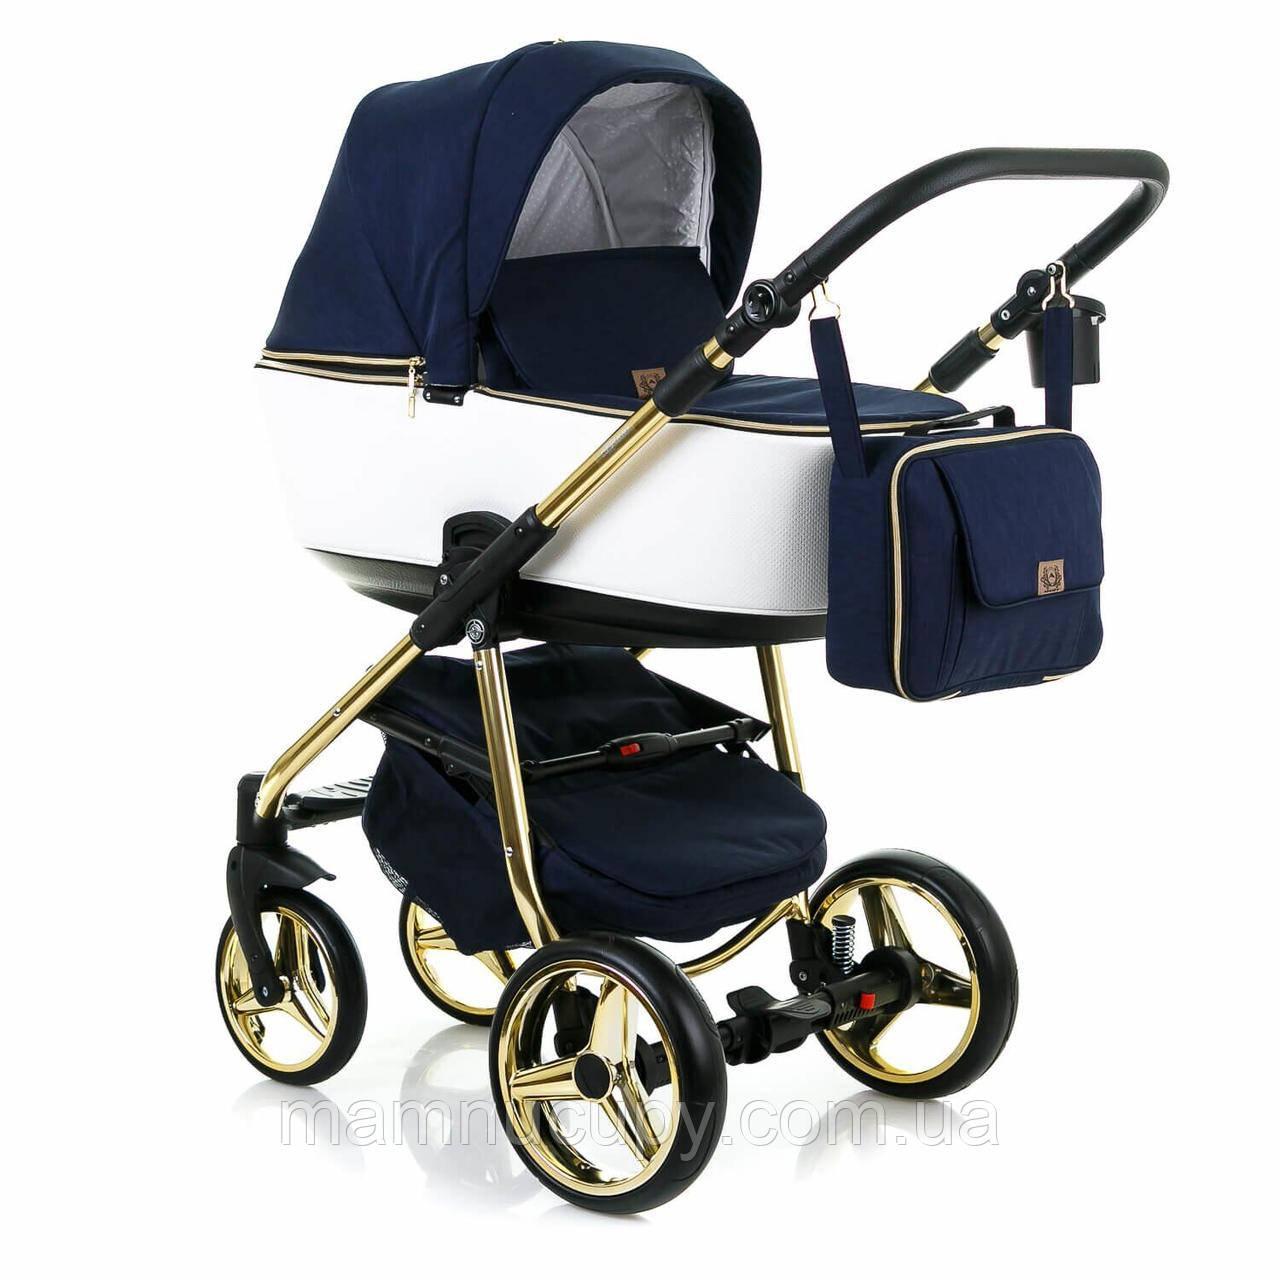 Универсальная коляска 2 в 1 Adamex Reggio Limited Chrom Y809